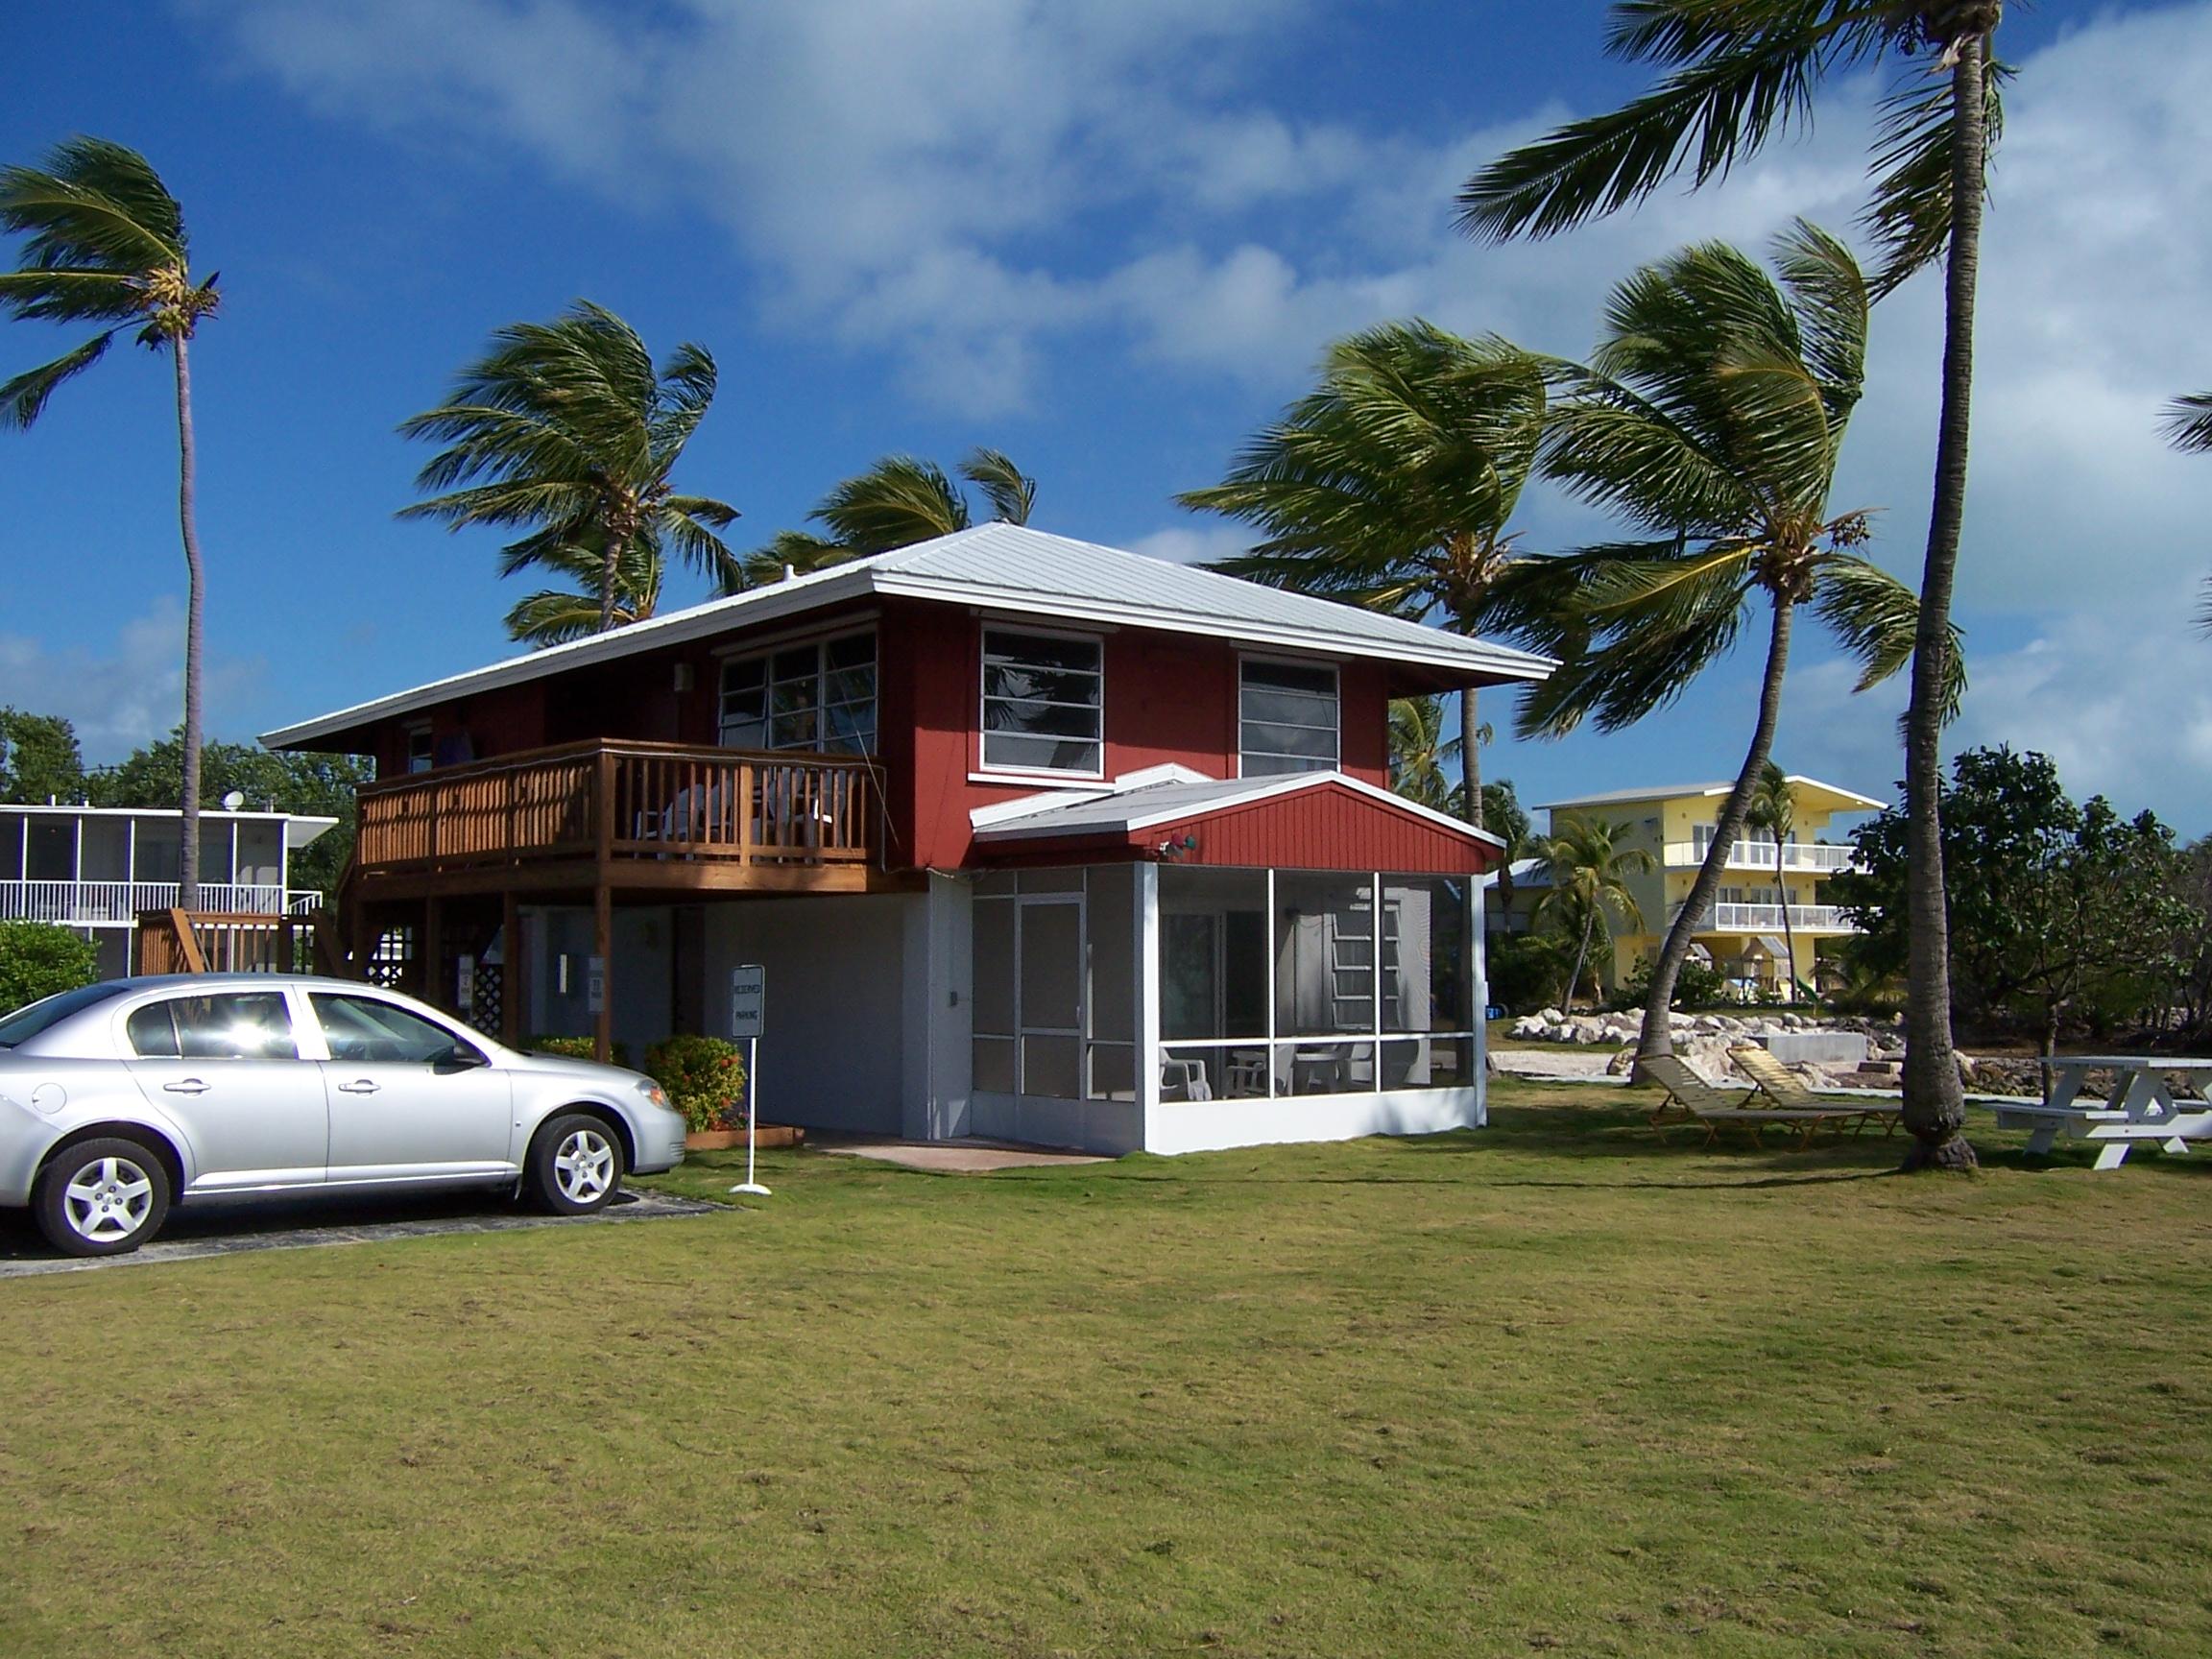 Ragged Edge Resort & Marina